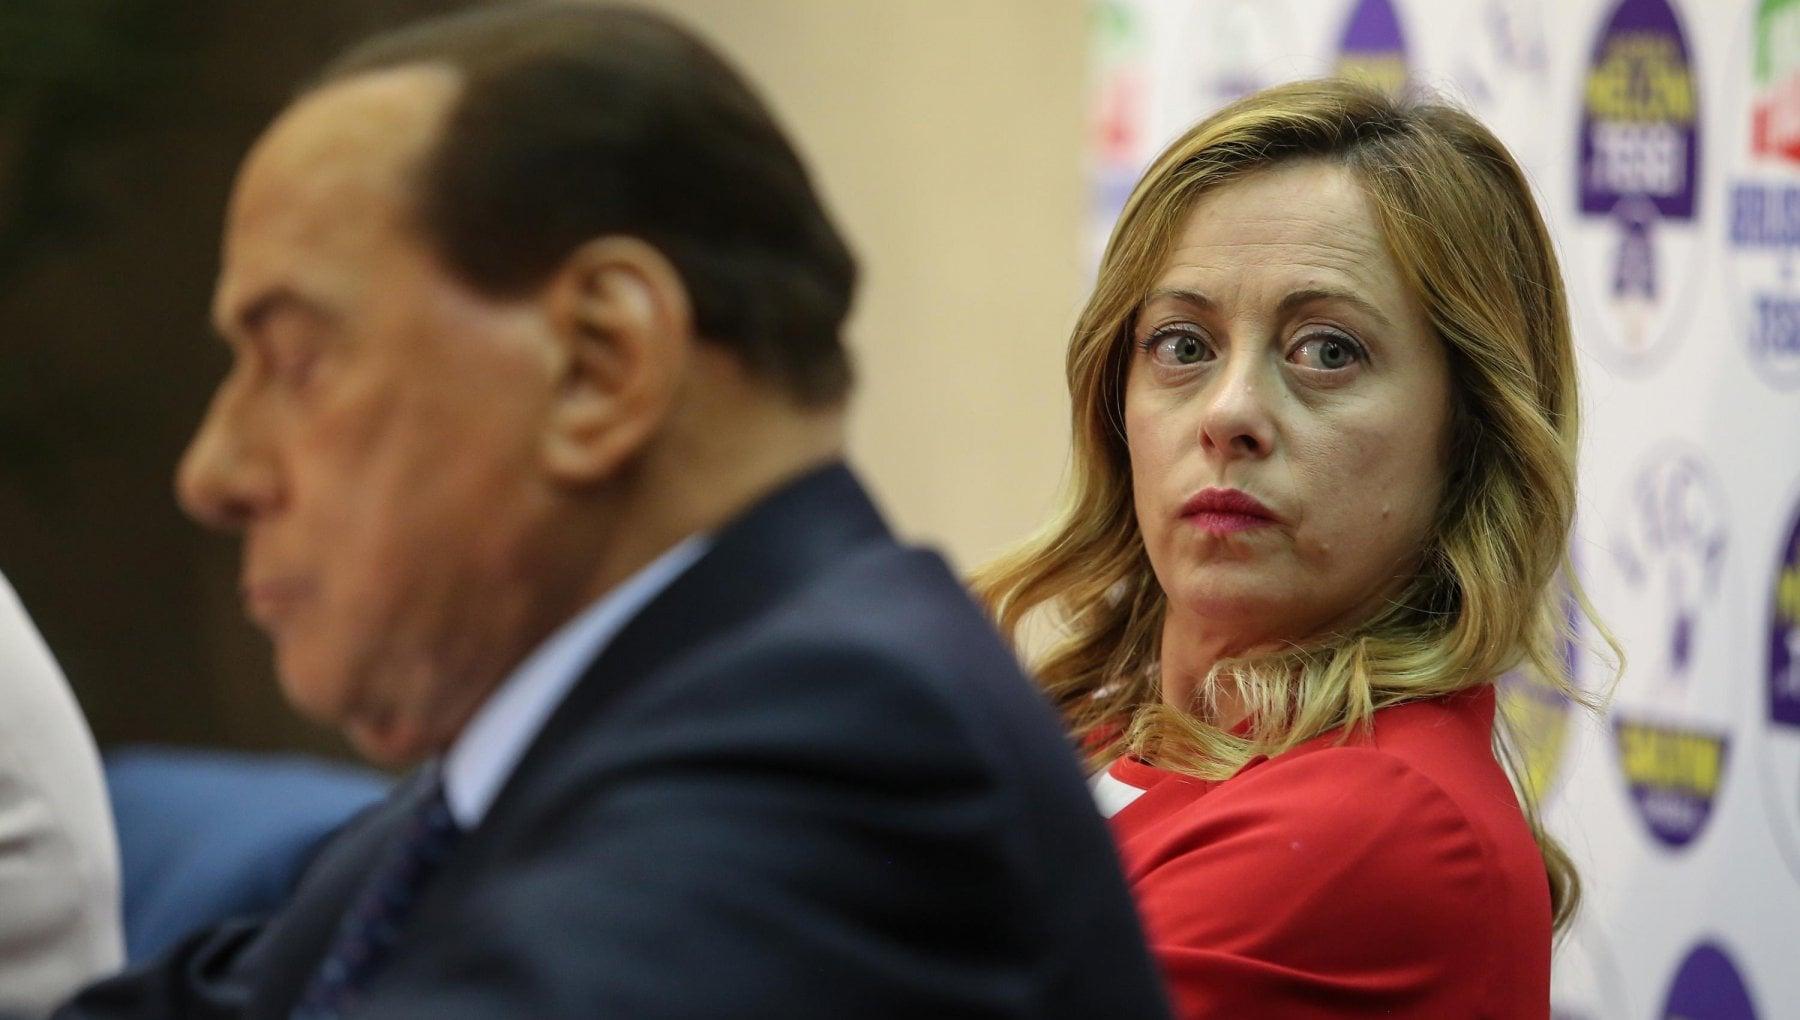 Crisi di governo i sospetti su Berlusconi di Salvini e Meloni Fa il governo Ursula